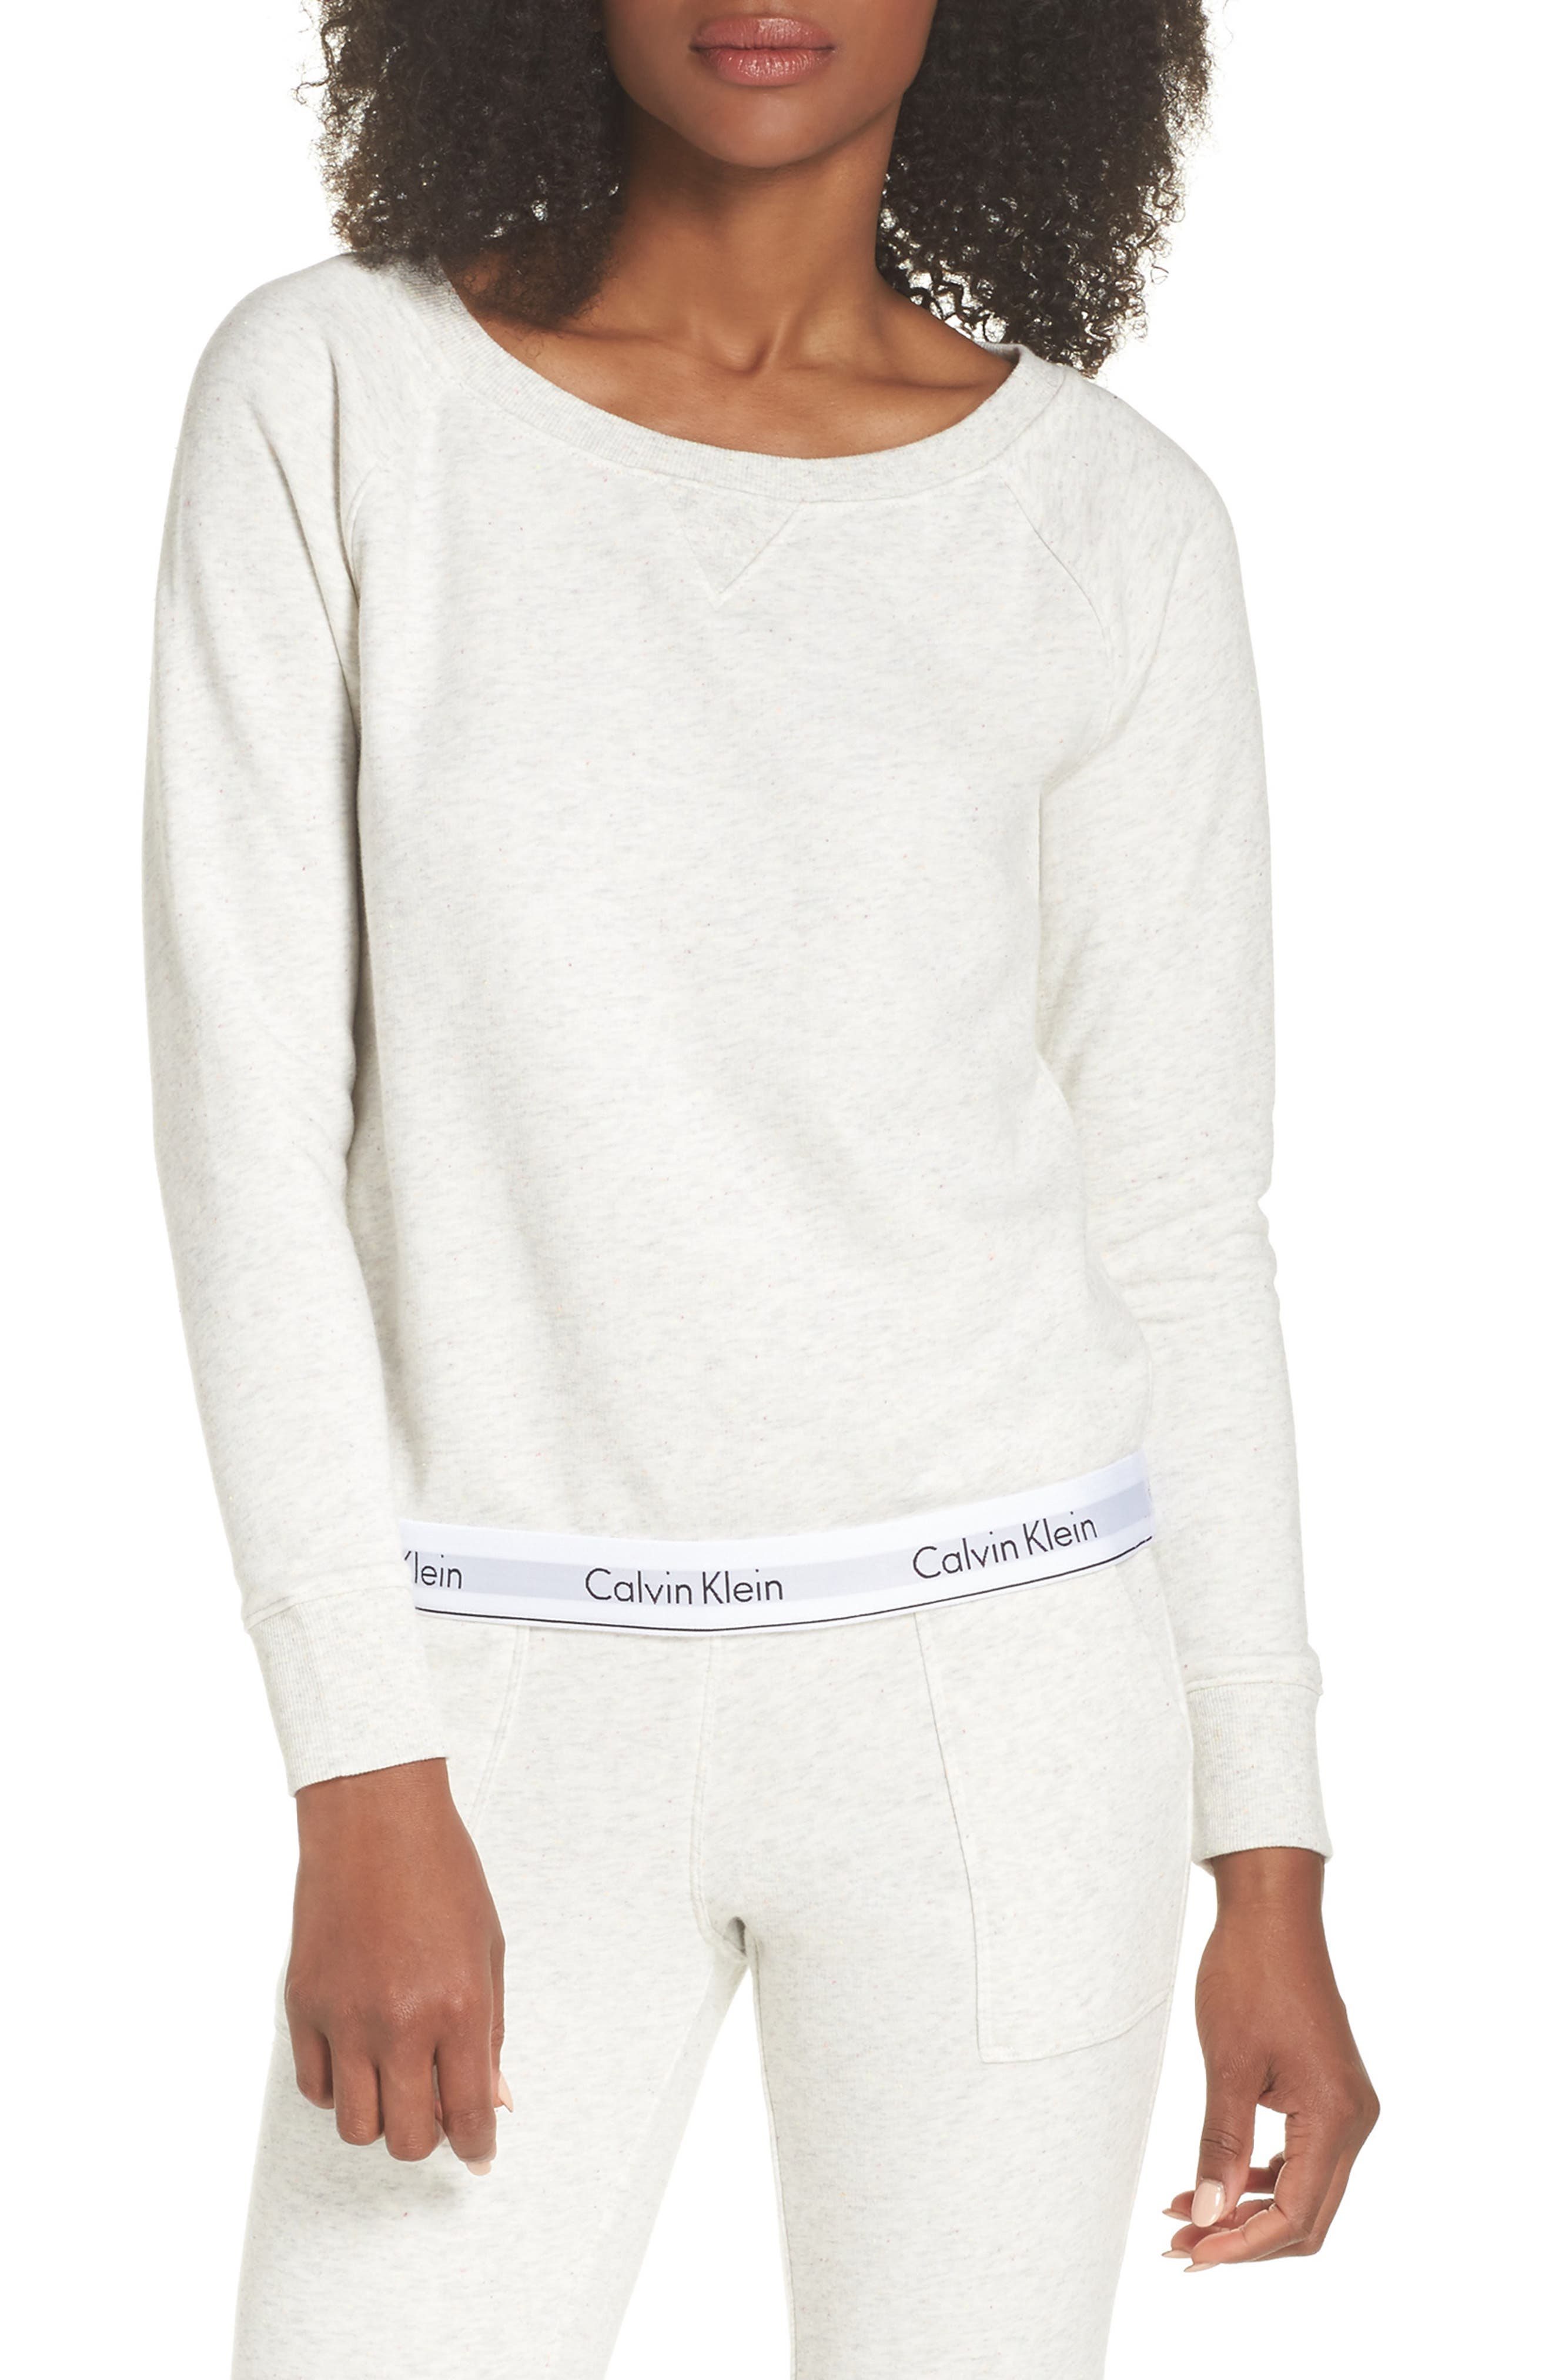 Beige Calvin Klein Sweatshirt